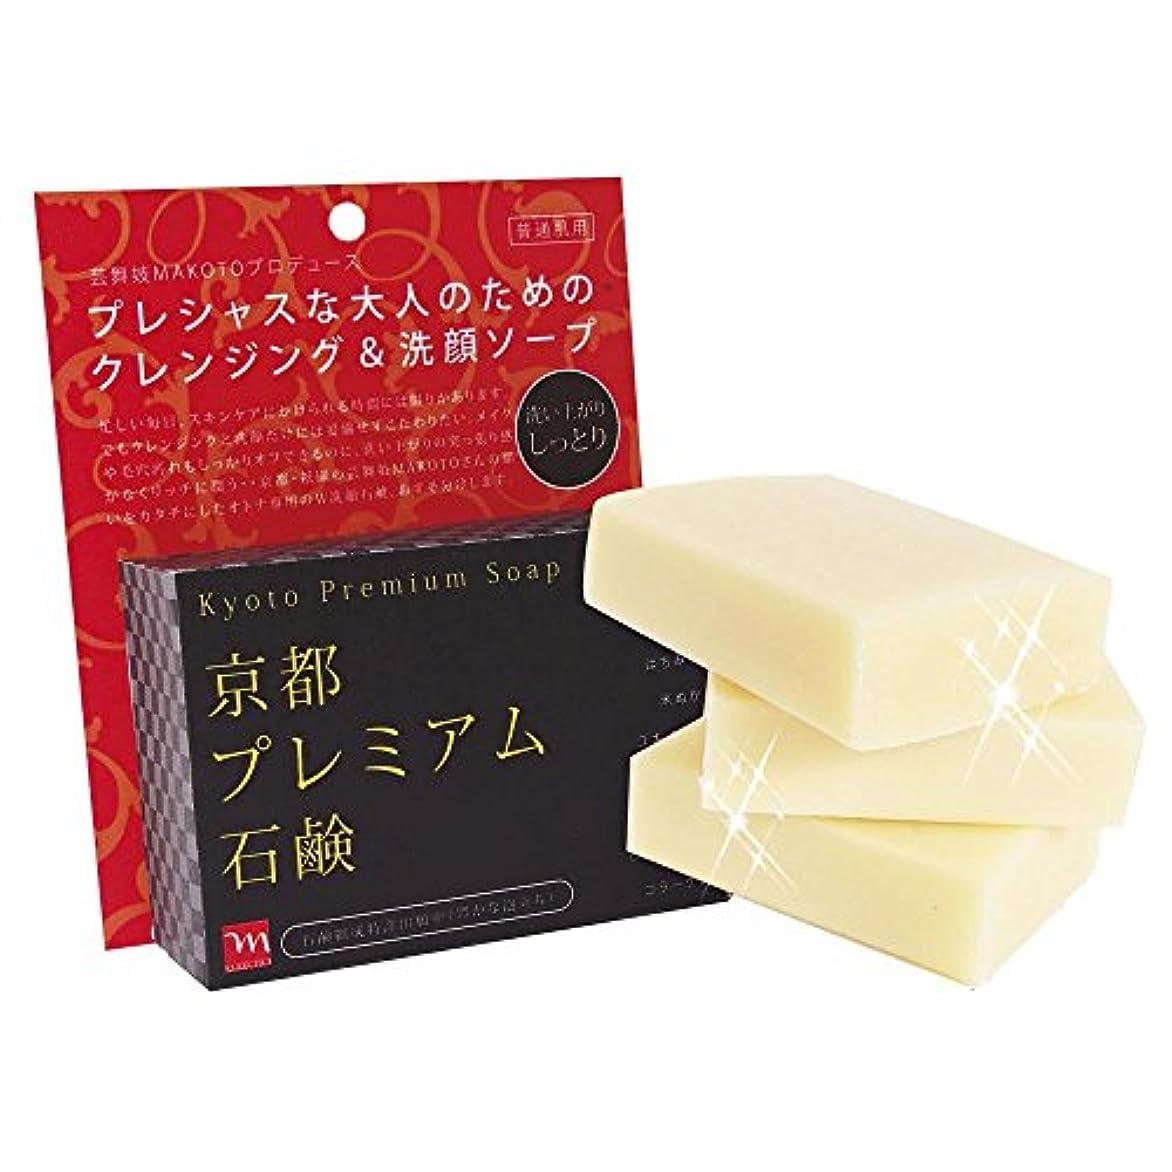 京都プレミアム石鹸 120g【人気 おすすめ 】